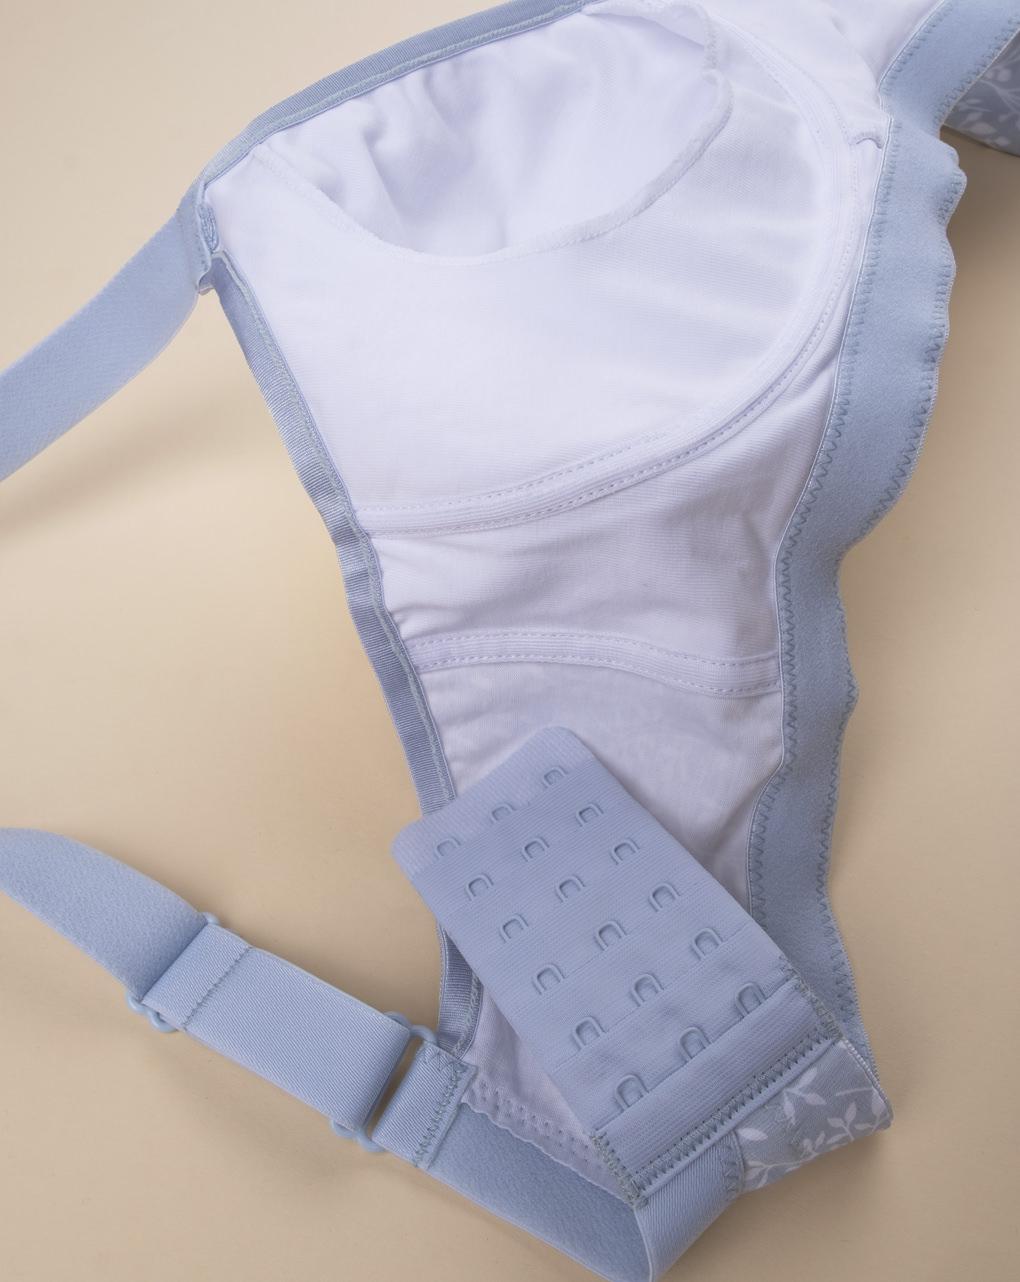 Reggiseno gravidanza - Prénatal